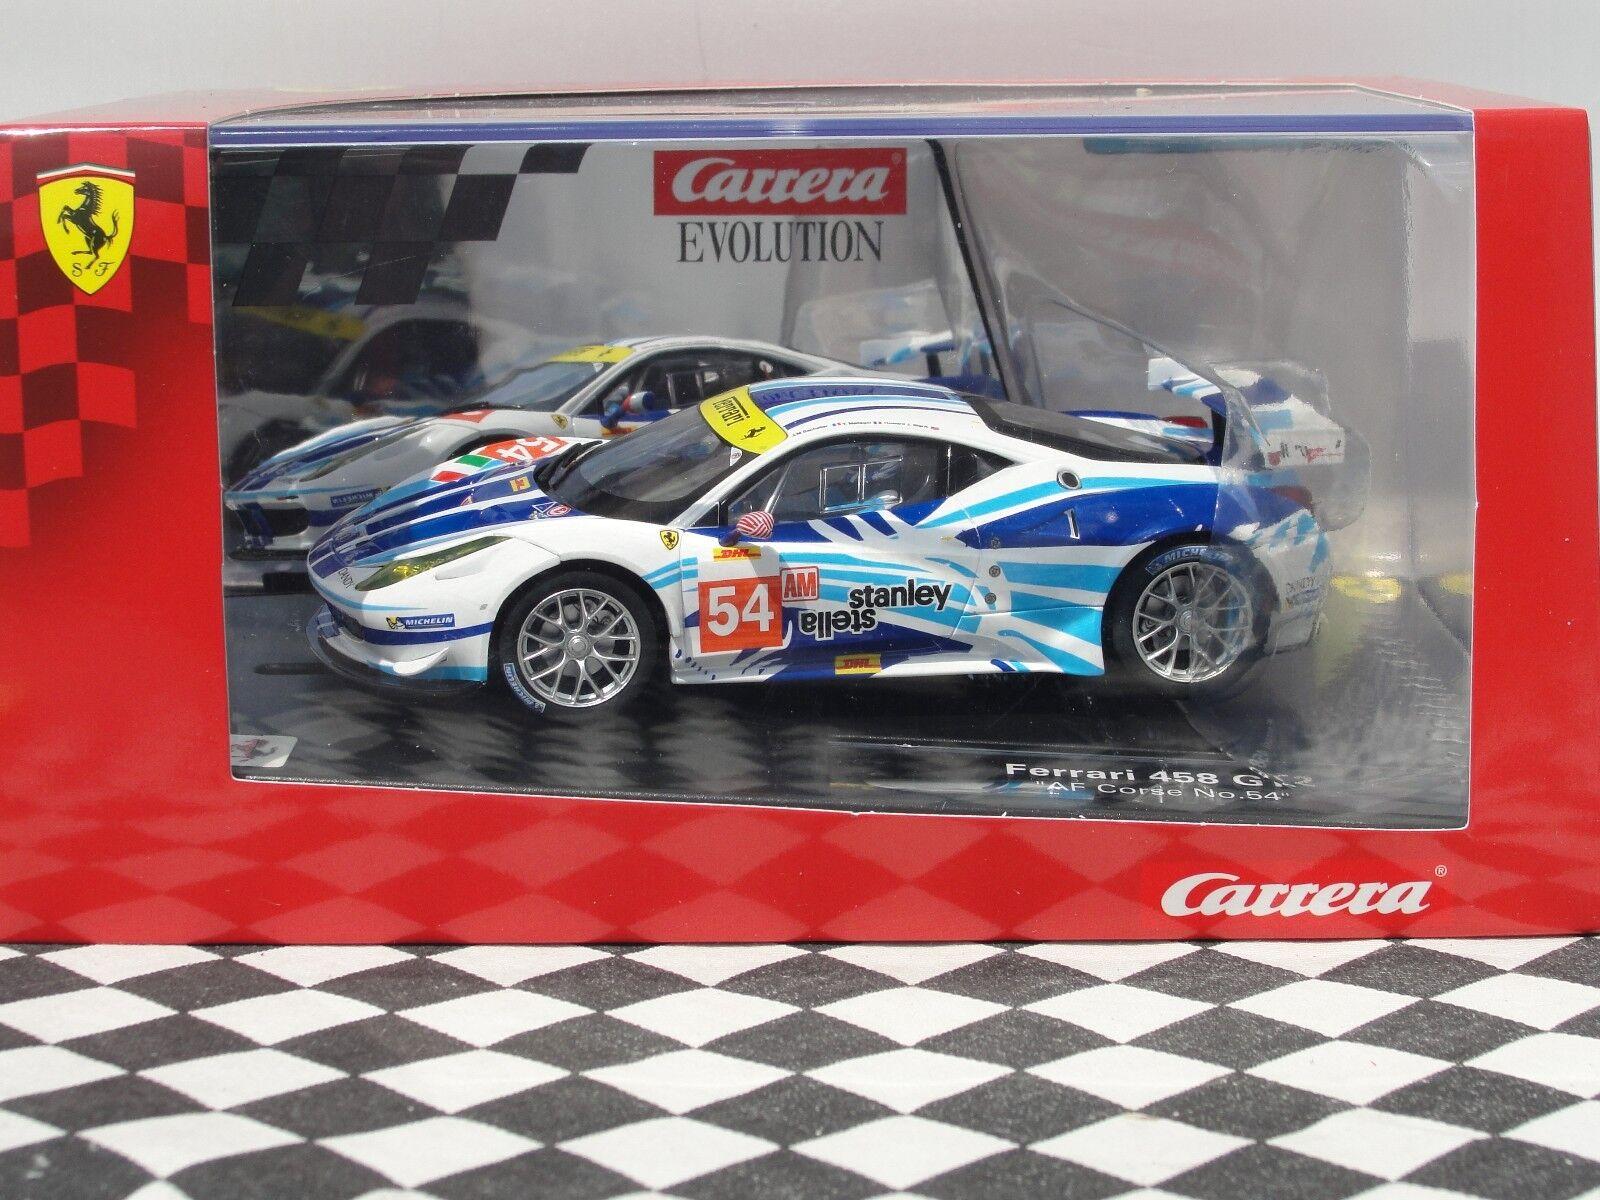 CARRERA EVOLUTION FERRARI 458 GT2 blueE WHITE SLOT BNIB